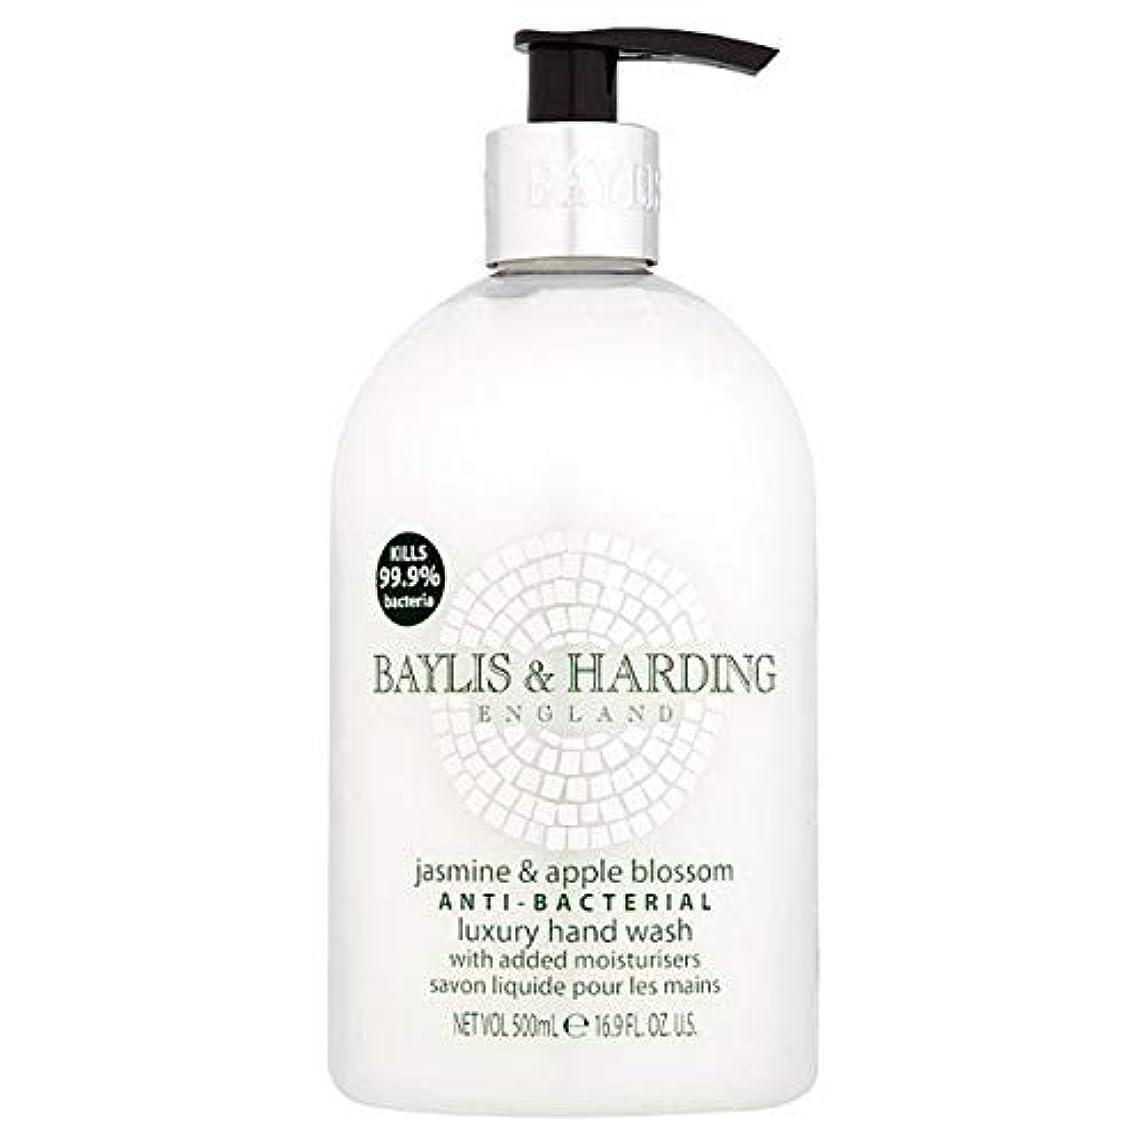 プラグアイドル大使館[Baylis & Harding ] ベイリス&ハーディング署名抗菌手洗い用500ミリリットル - Baylis & Harding Signature Antibacterial Hand Wash 500ml [並行輸入品]